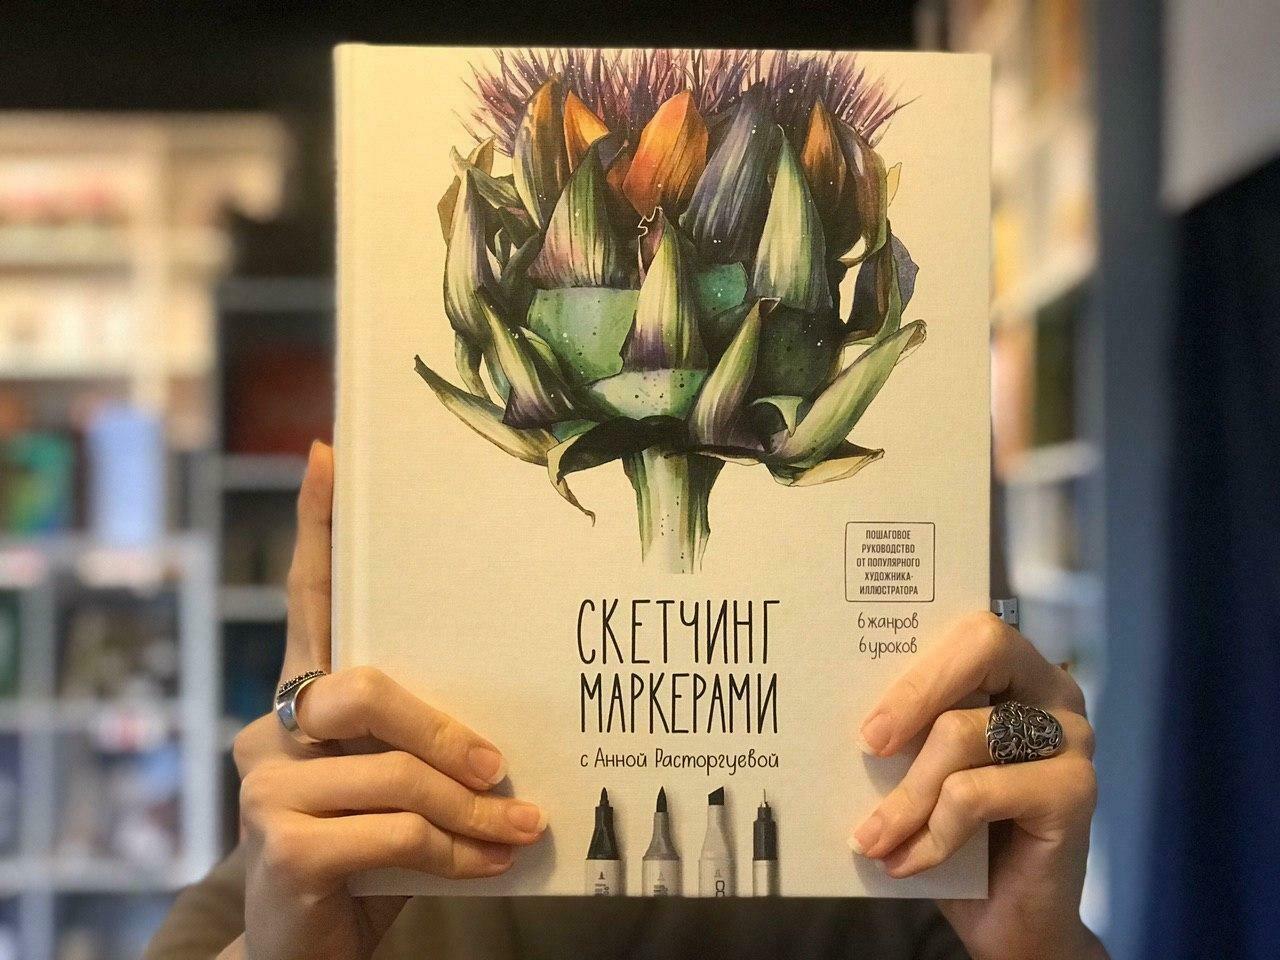 Скетчинг маркерами с Анной Расторгуевой. 6 жанров — 6 уроков